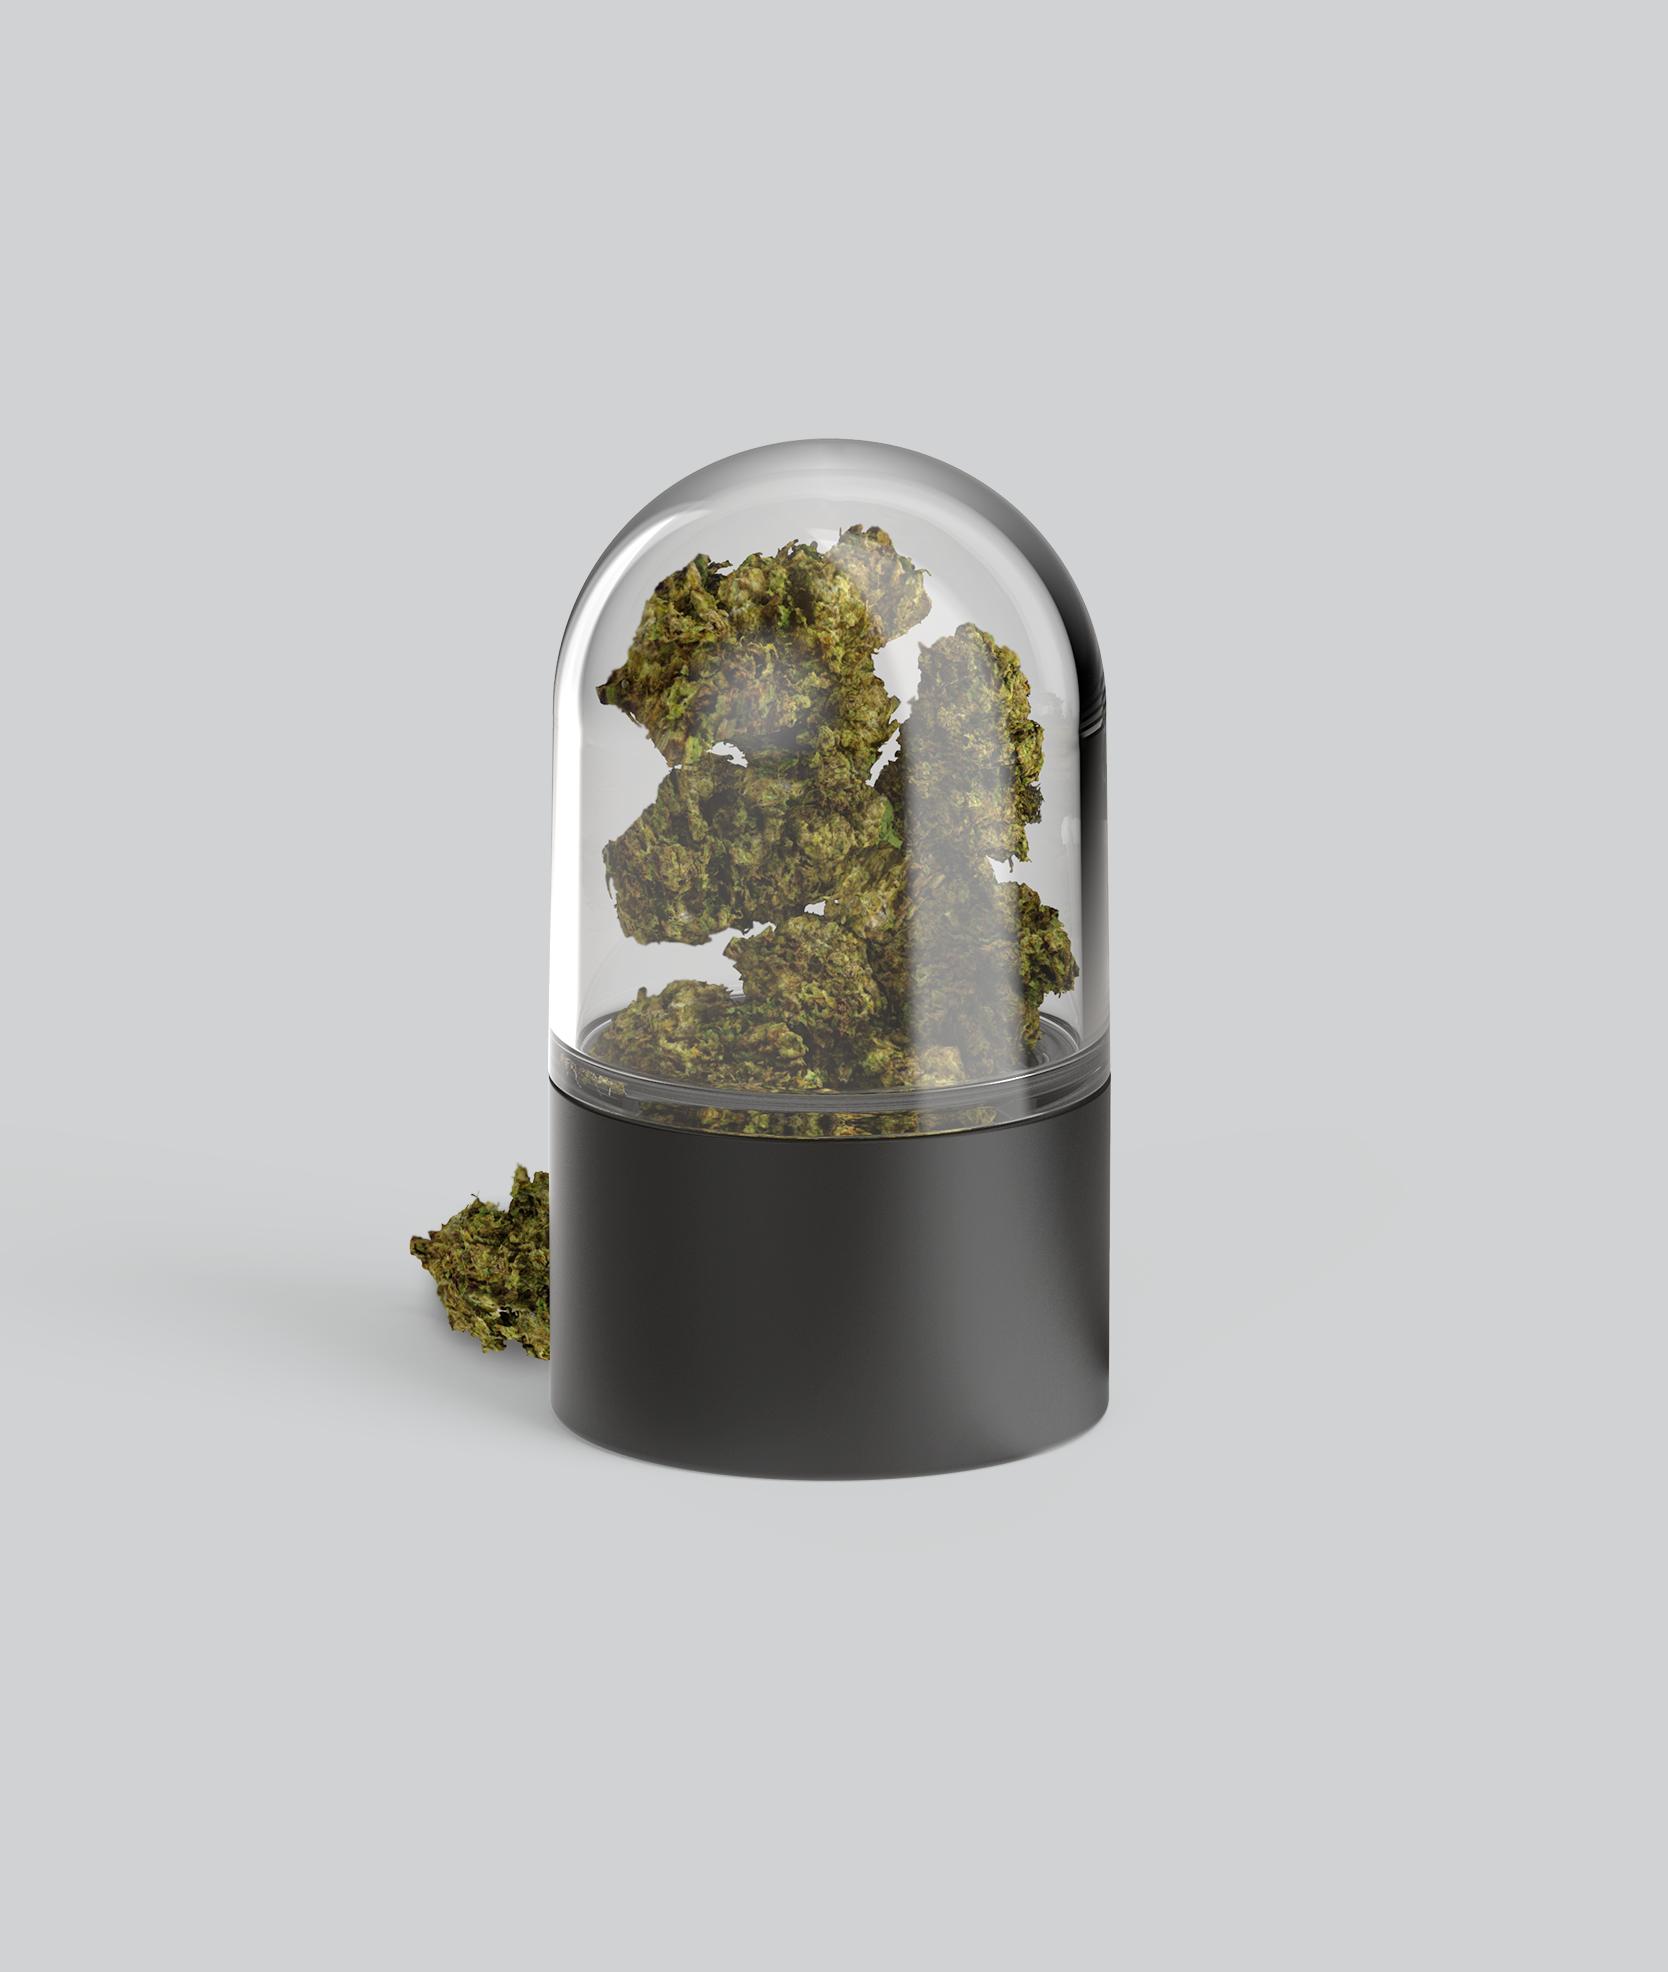 dome-cannabis-edible-packaging